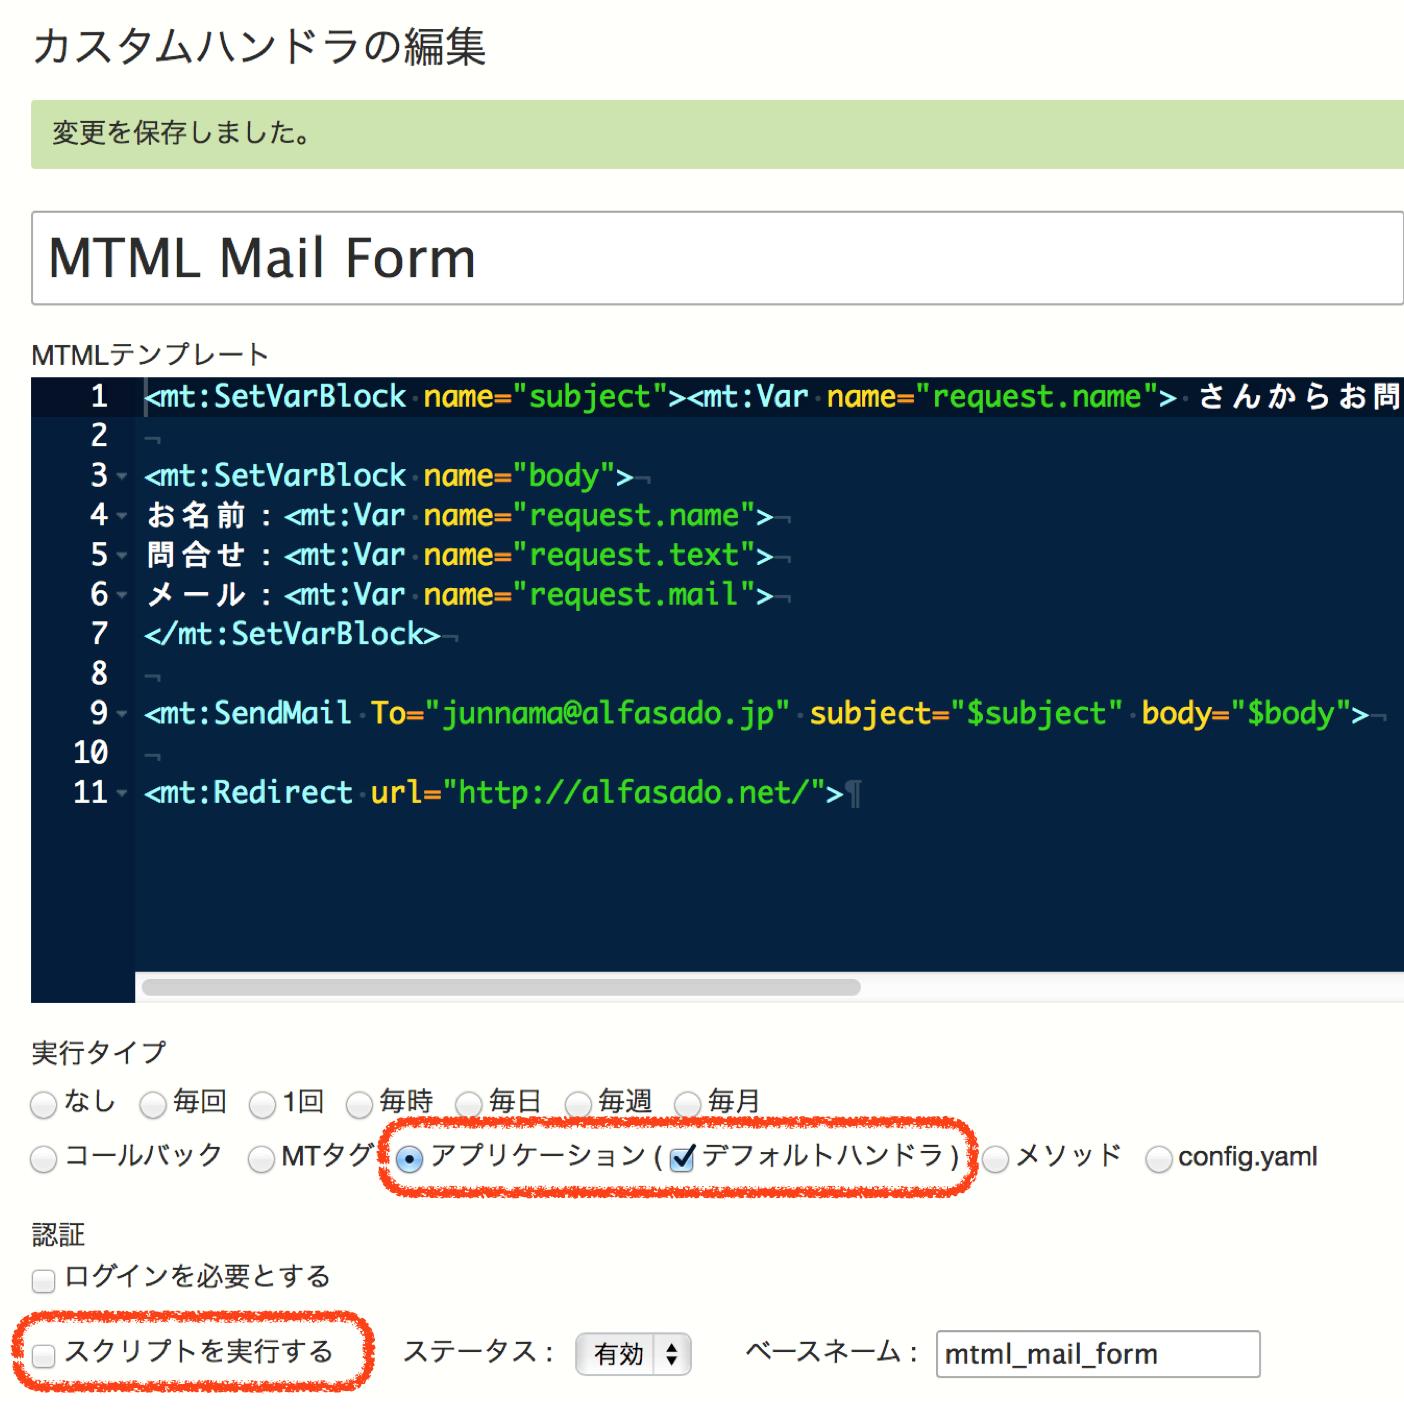 メールフォーム作成画面